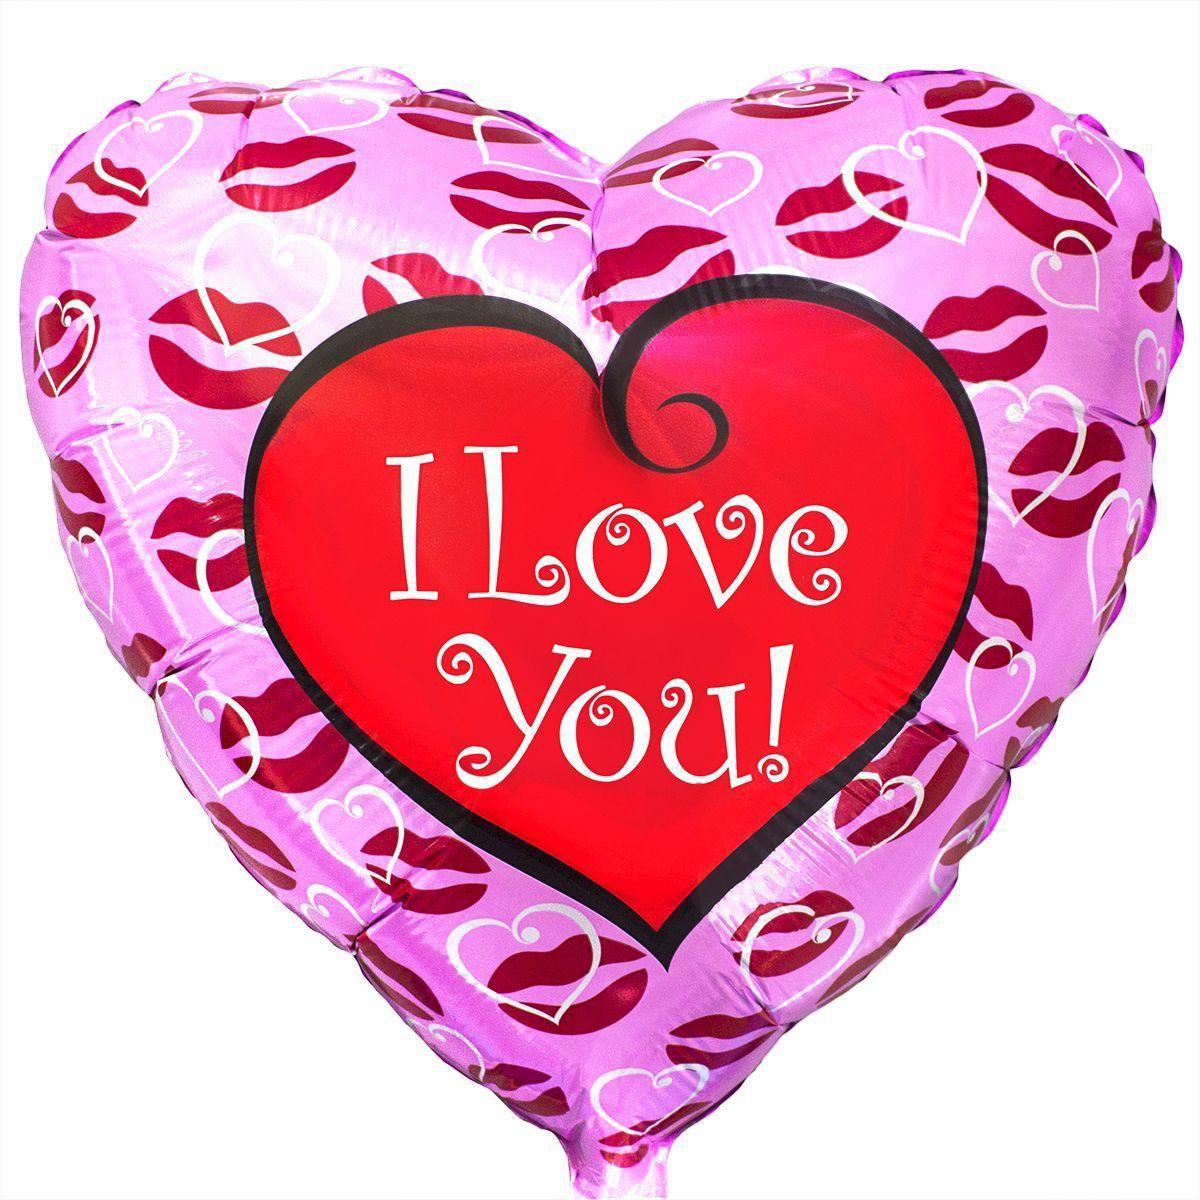 Картинки сердечек с надписью хорошего дня, пожеланием счастья